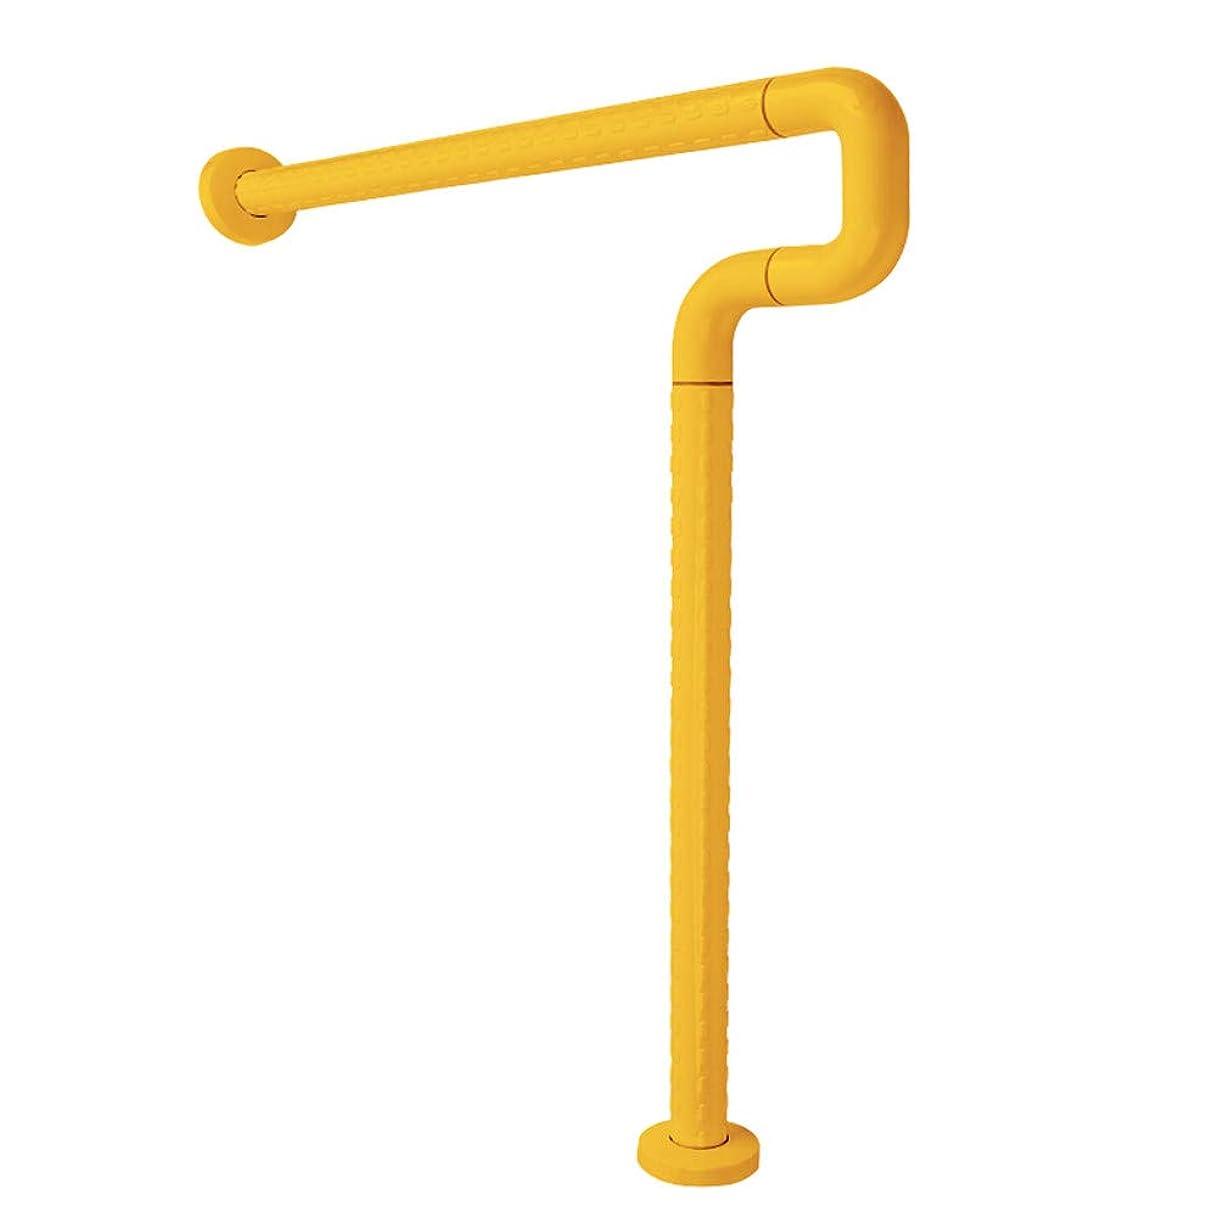 命令信念予測浴室手すりT曲面タイプバリアフリーステンレス鋼の浴室の安全アンチスキッド手すり高齢者障害者トイレトイレラック 66GSB (Color : Yellow)